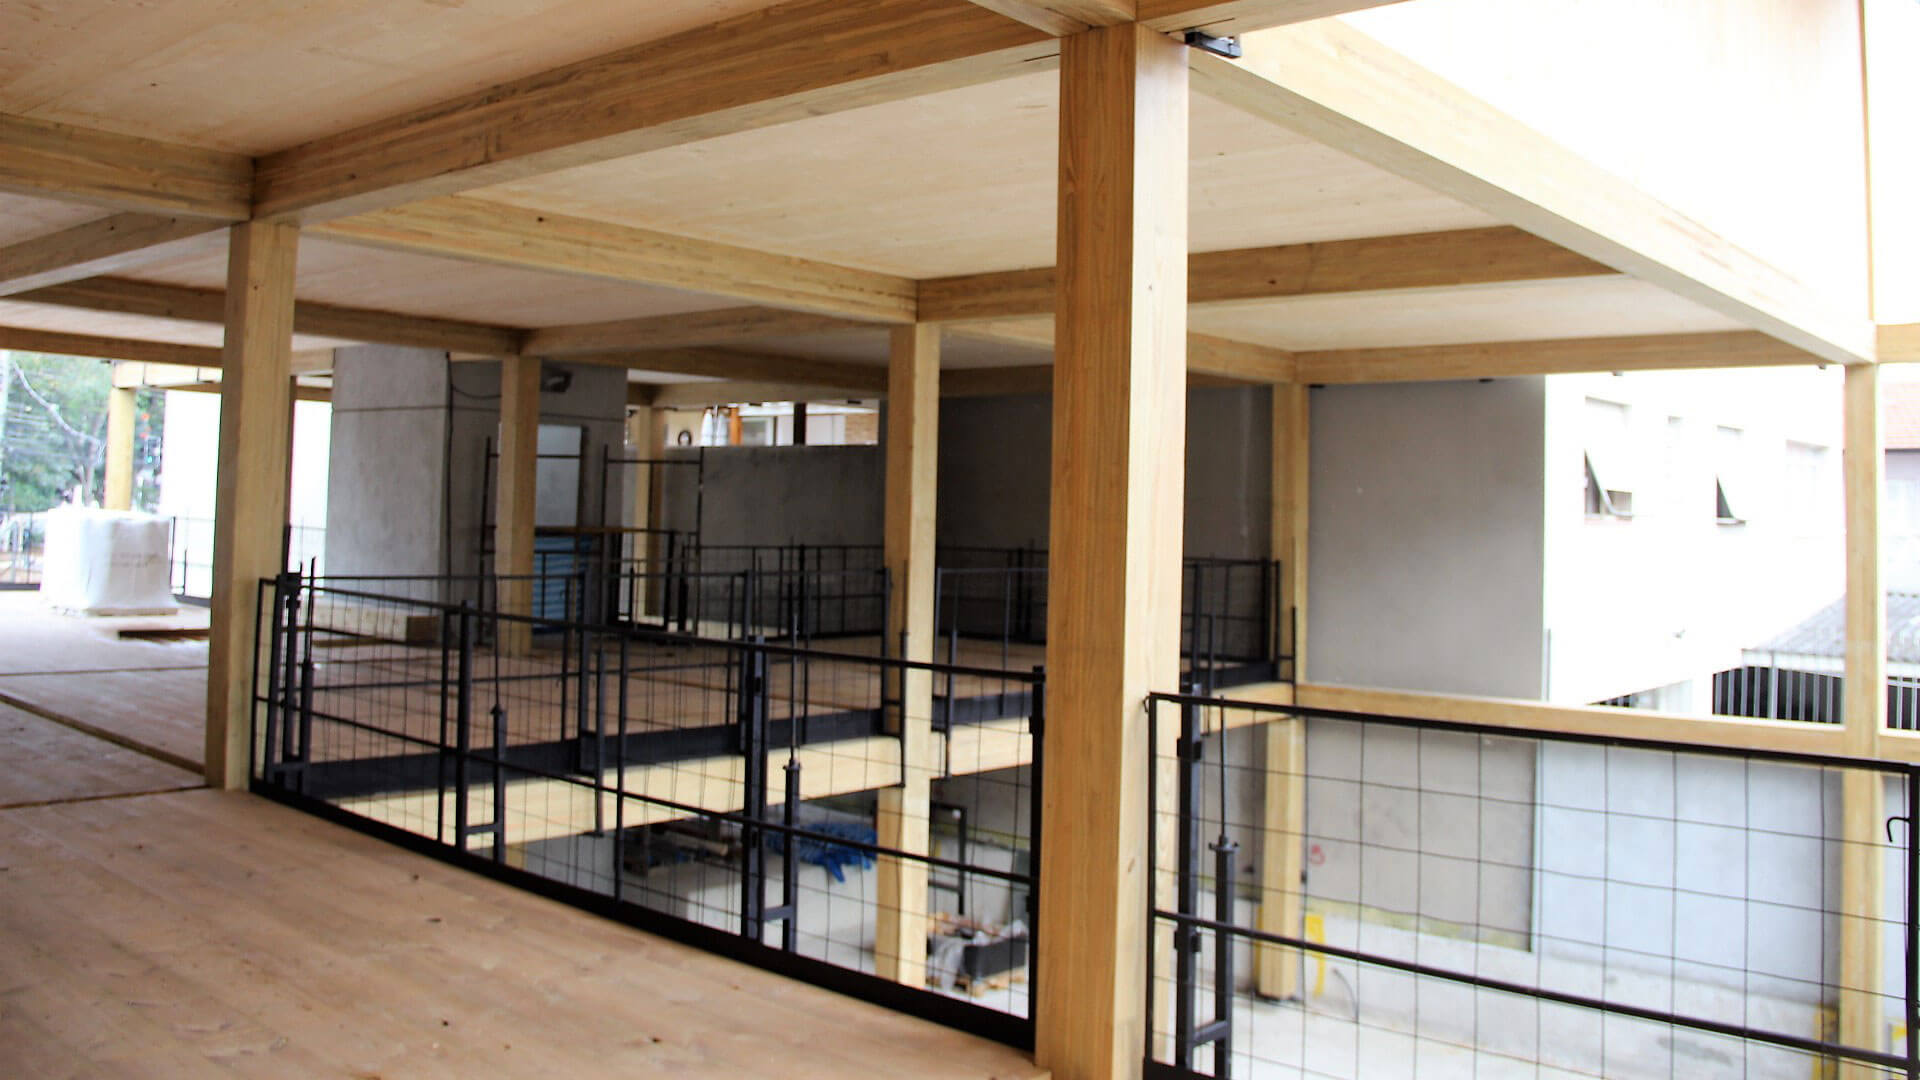 parte de dentro do prédio de madeira em construção na cidade de São Paulo